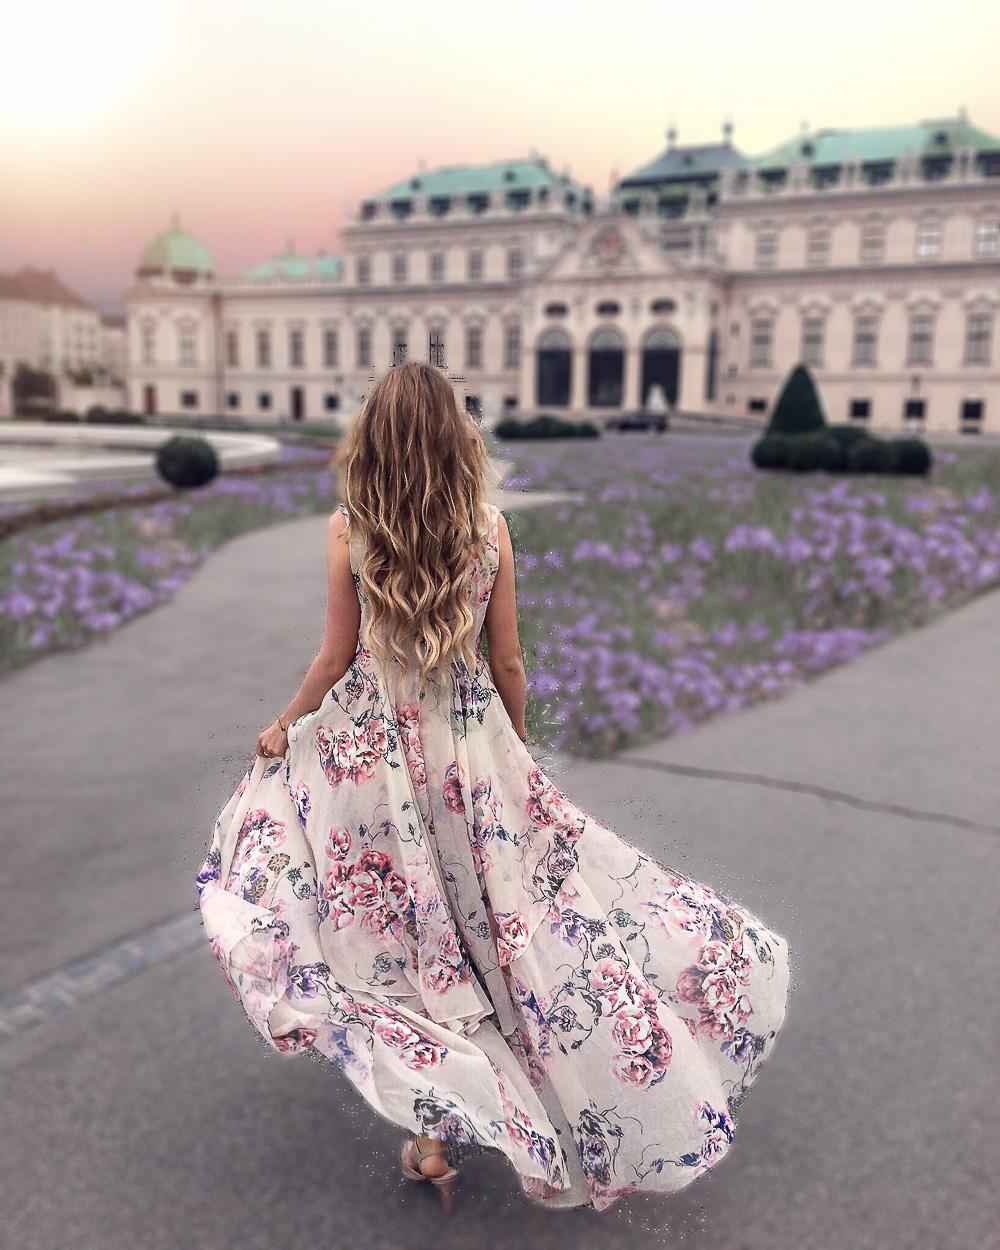 Blur Effect Background - Adobe Photoshop - Bildbearbeitung